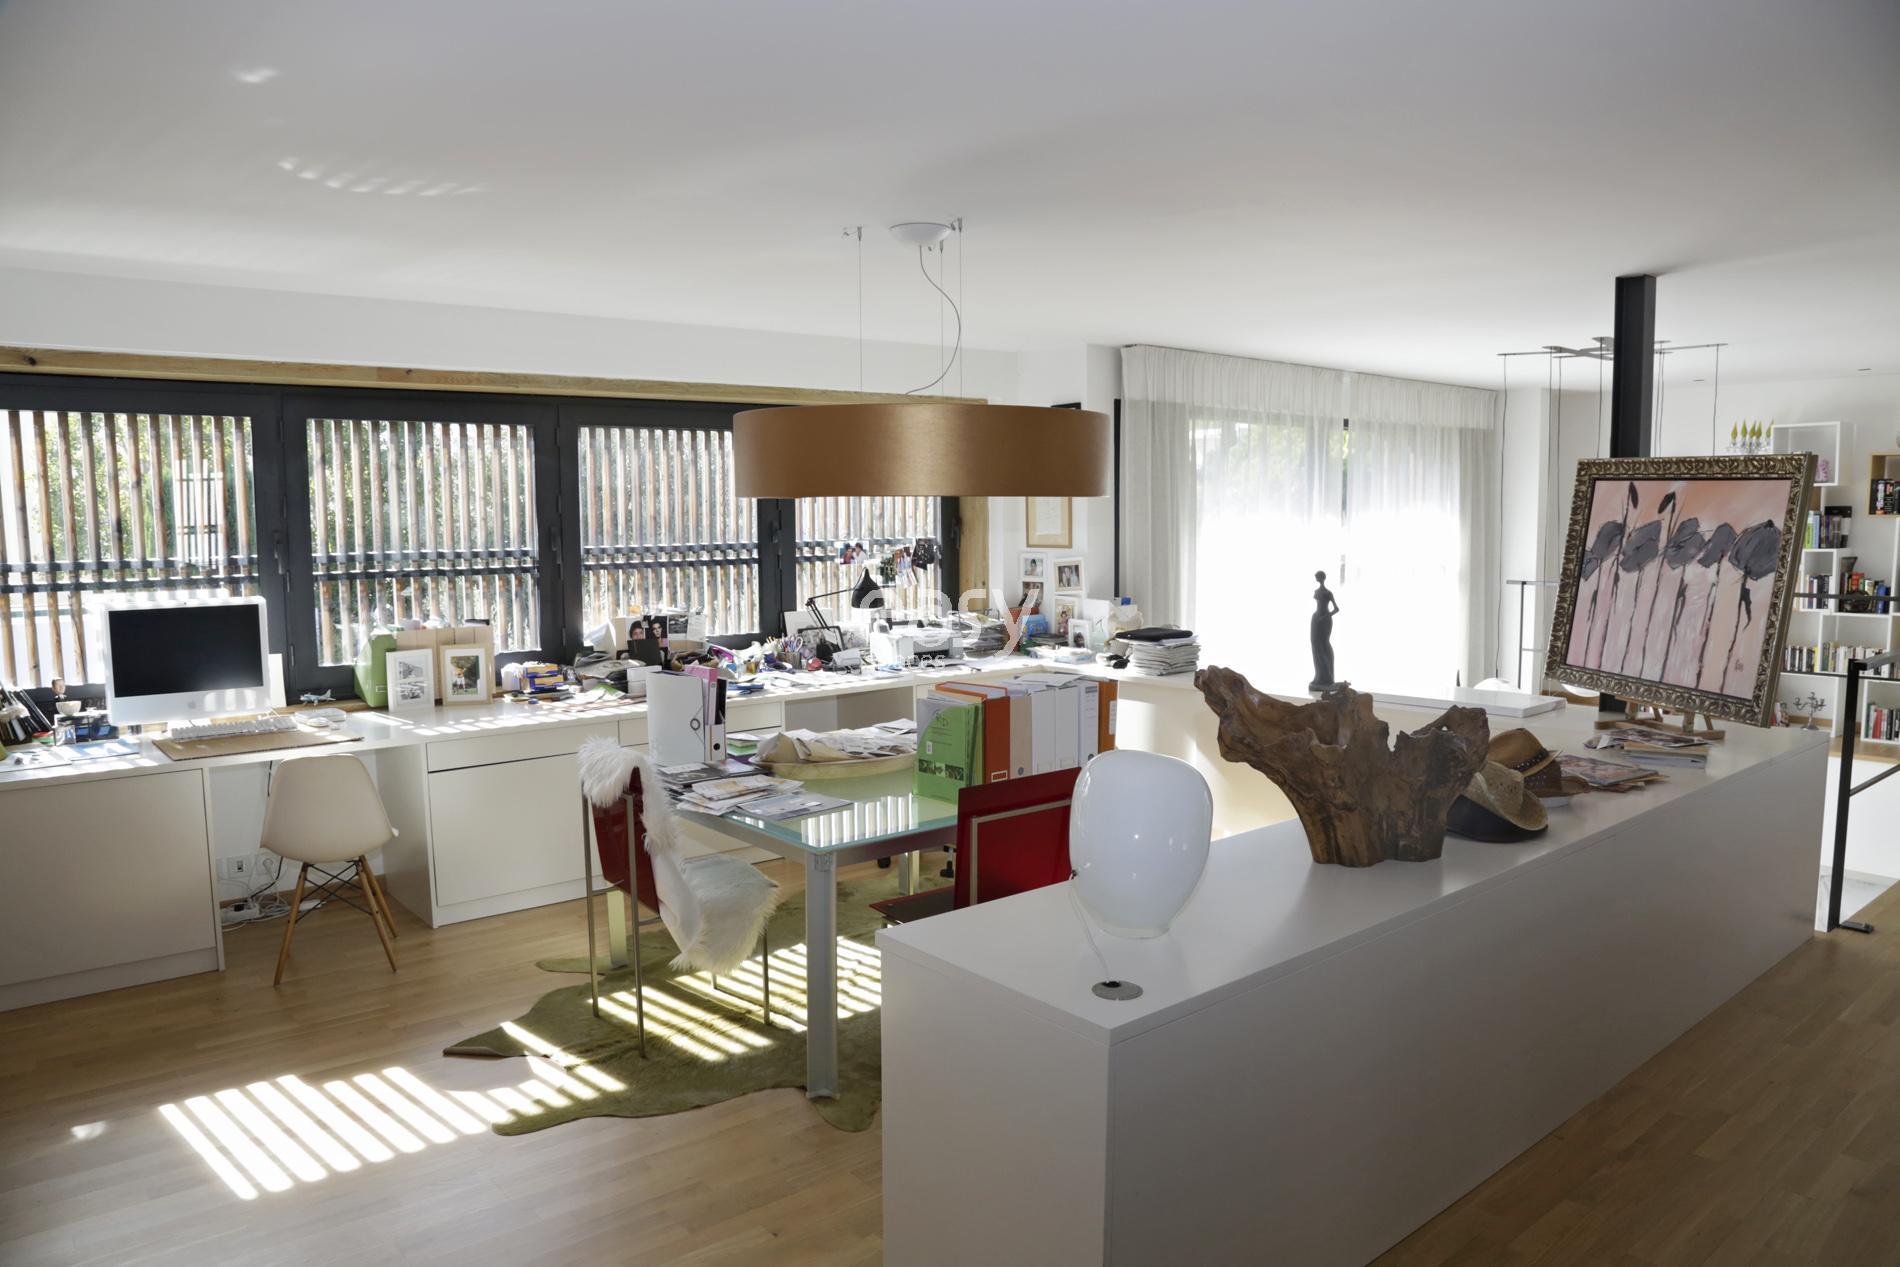 maison bois contemporaine sud avec des id es int ressantes pour la conception de. Black Bedroom Furniture Sets. Home Design Ideas